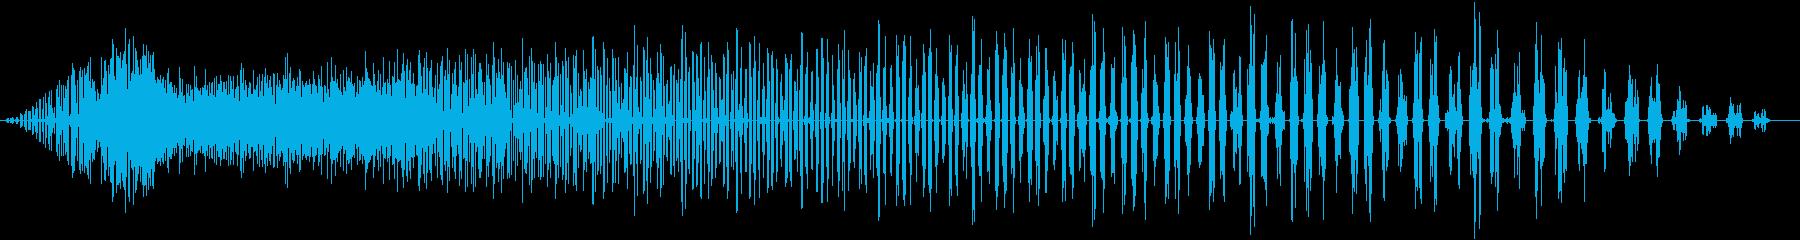 静的スワイプの再生済みの波形